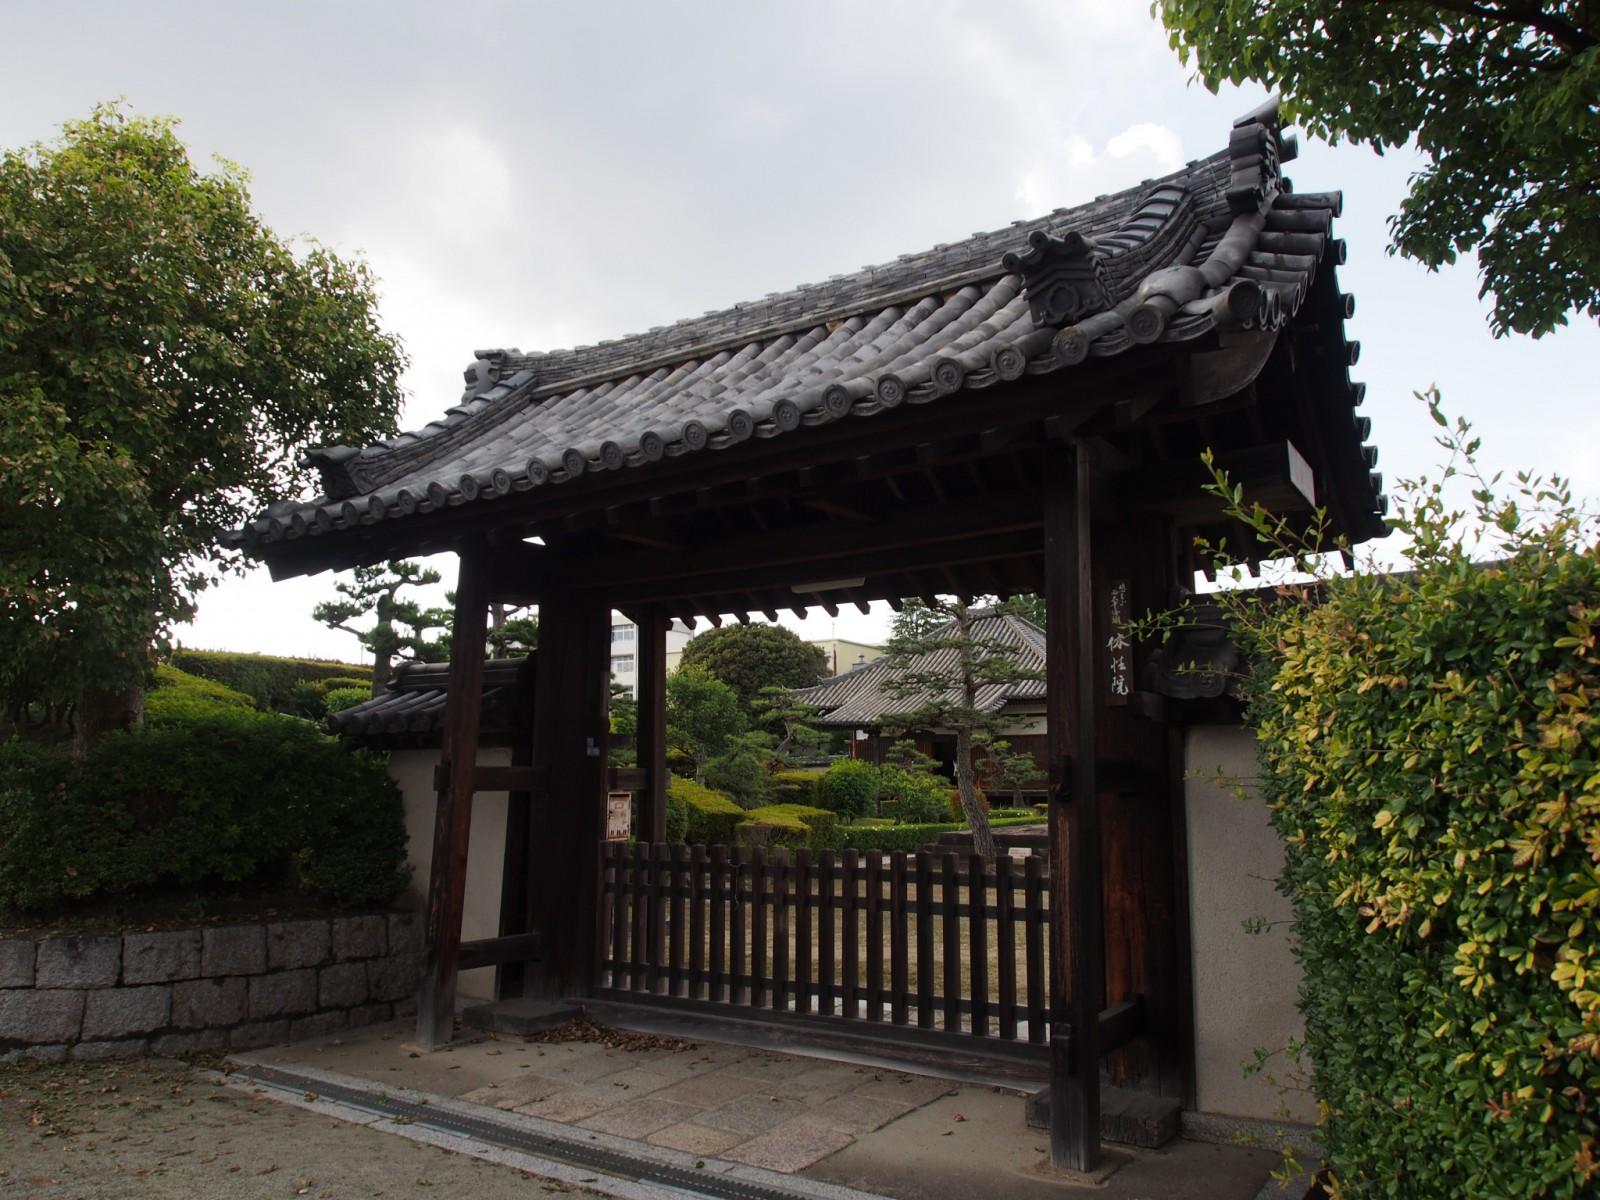 西大寺奥之院(法界躰性院)の山門